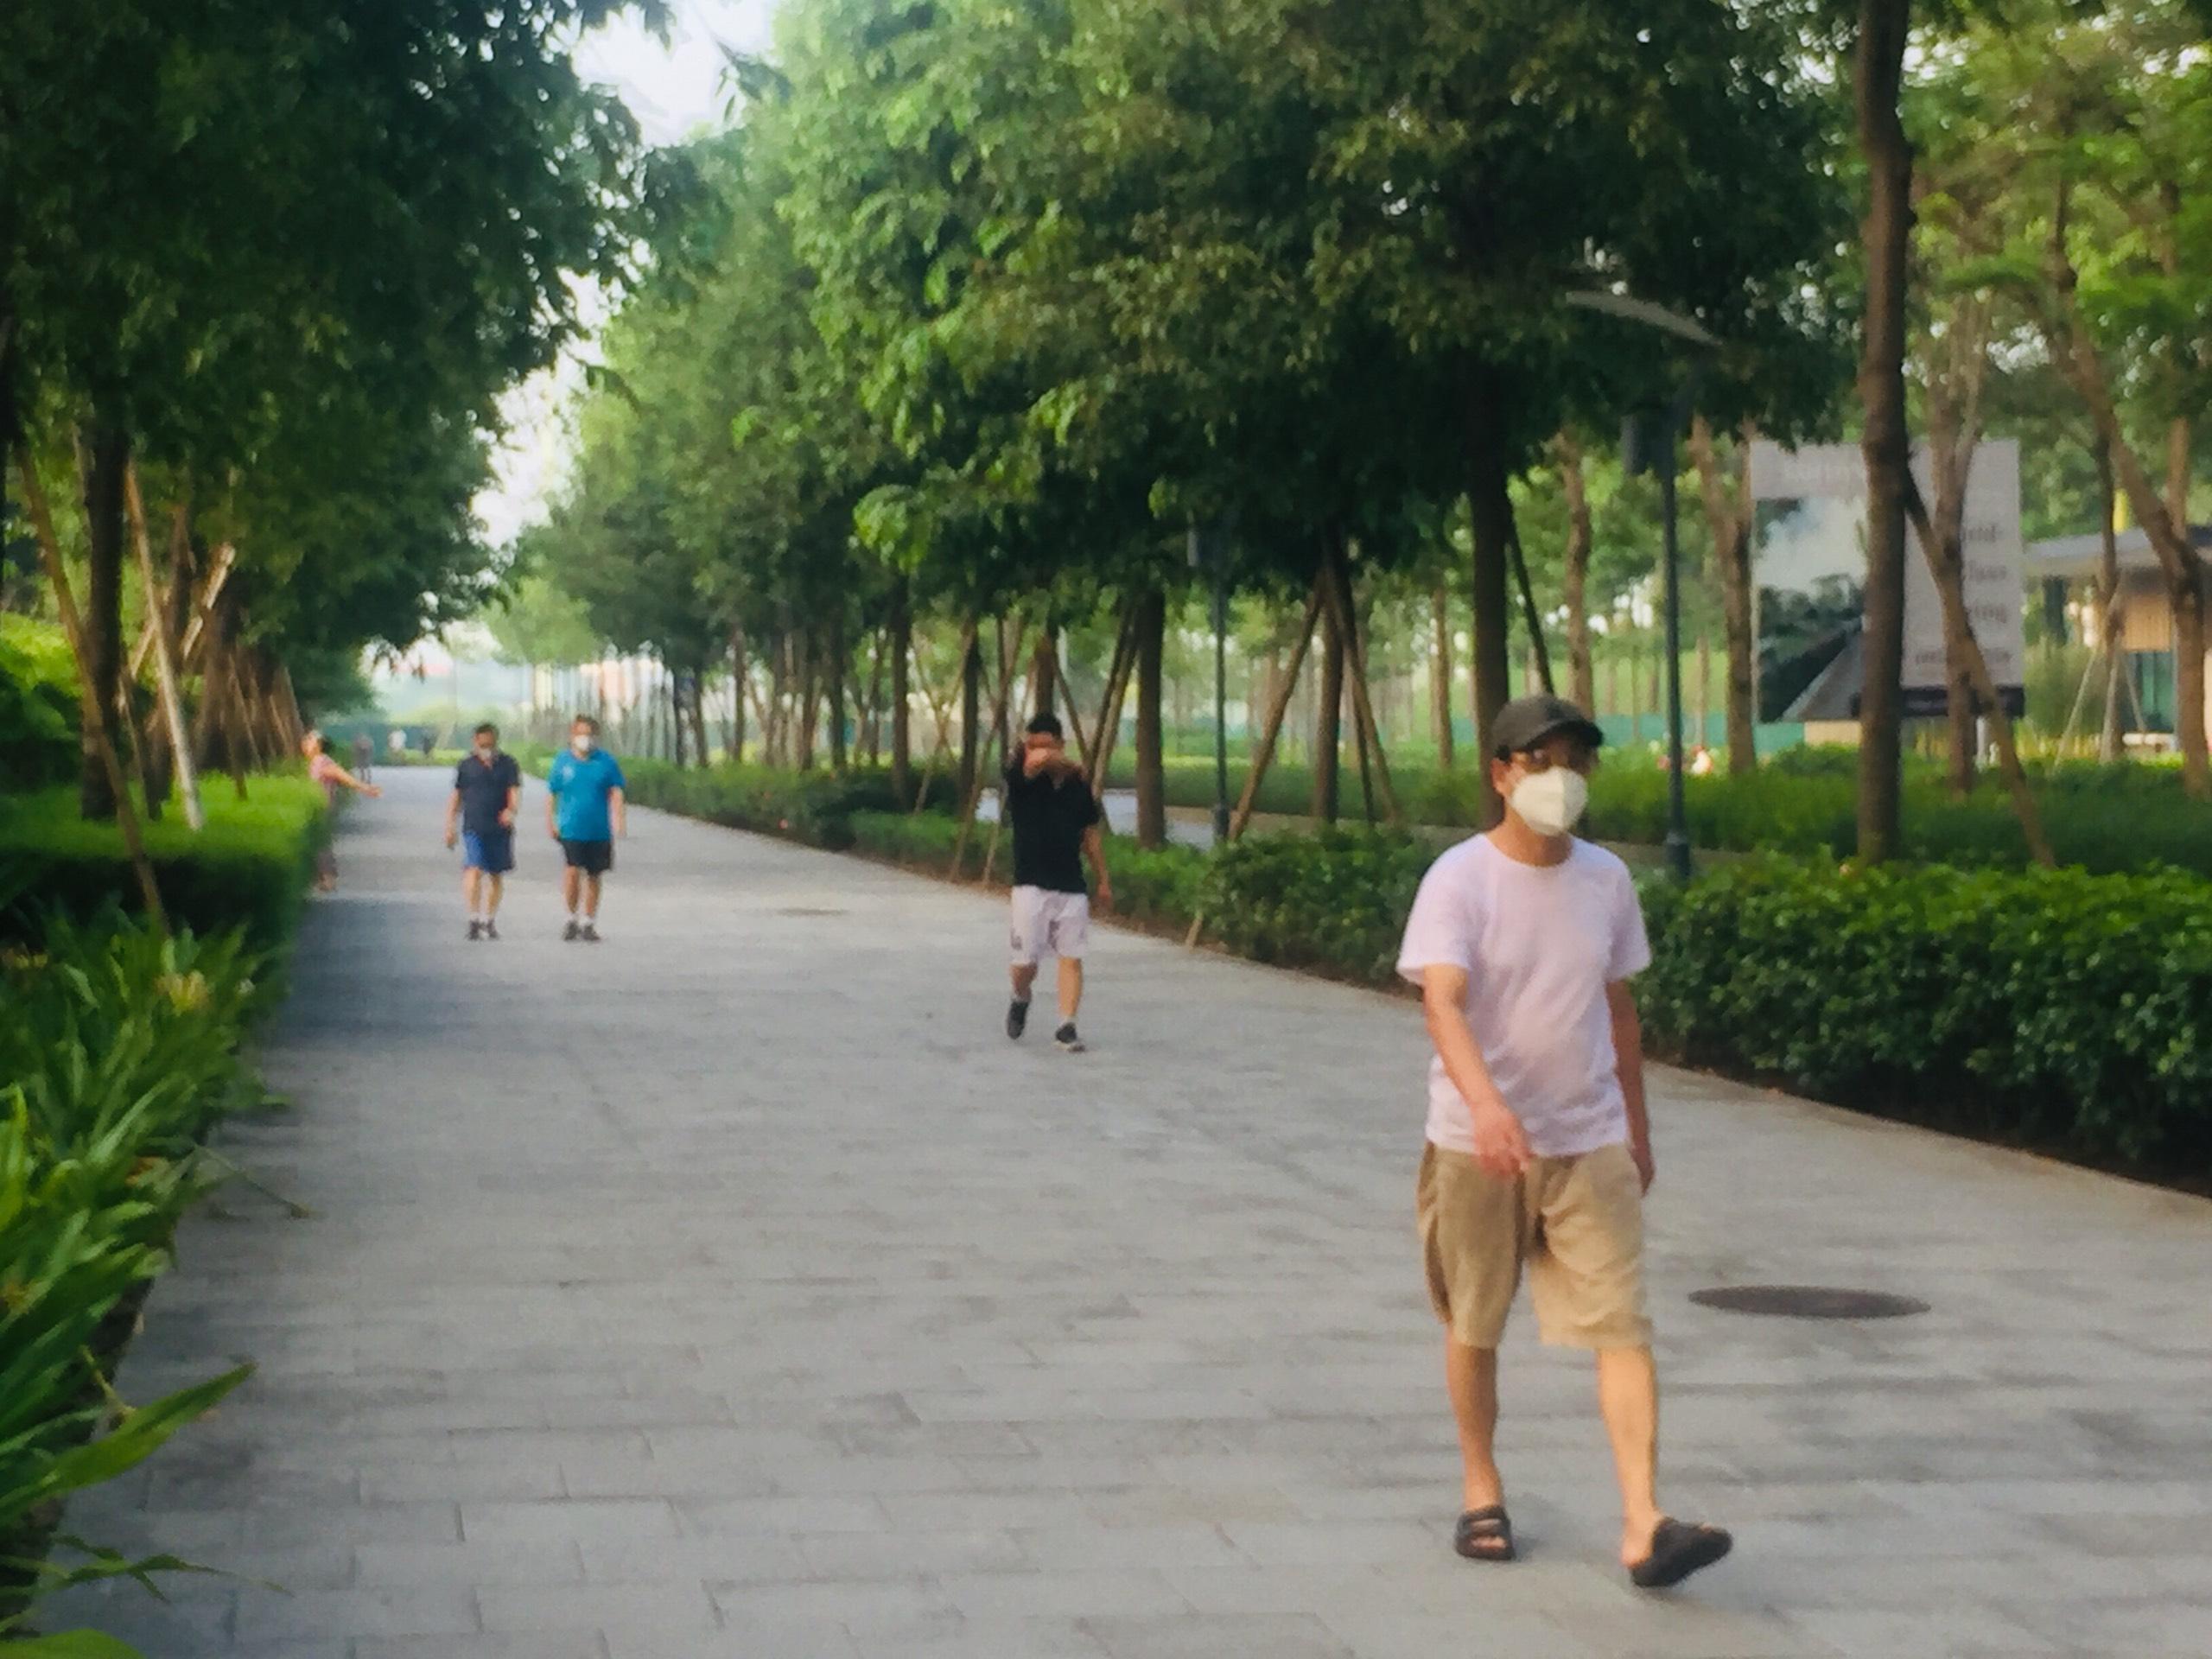 Để vừa đảm bảo an toàn dịch bệnh, vừa nâng cao sức khỏe của nhân dân, UBND TP Hà Nội cho phép một số hoạt động trở lại từ ngày 28/9. Theo đó, TP Hà Nội cho phép mở lại hoạt động thể dục, thể thao ngoài trời. Tuy nhiên, số lượng không quá 10 người trong 1 khu vực, khuyến cáo người dân thực hiện thông điệp 5K.